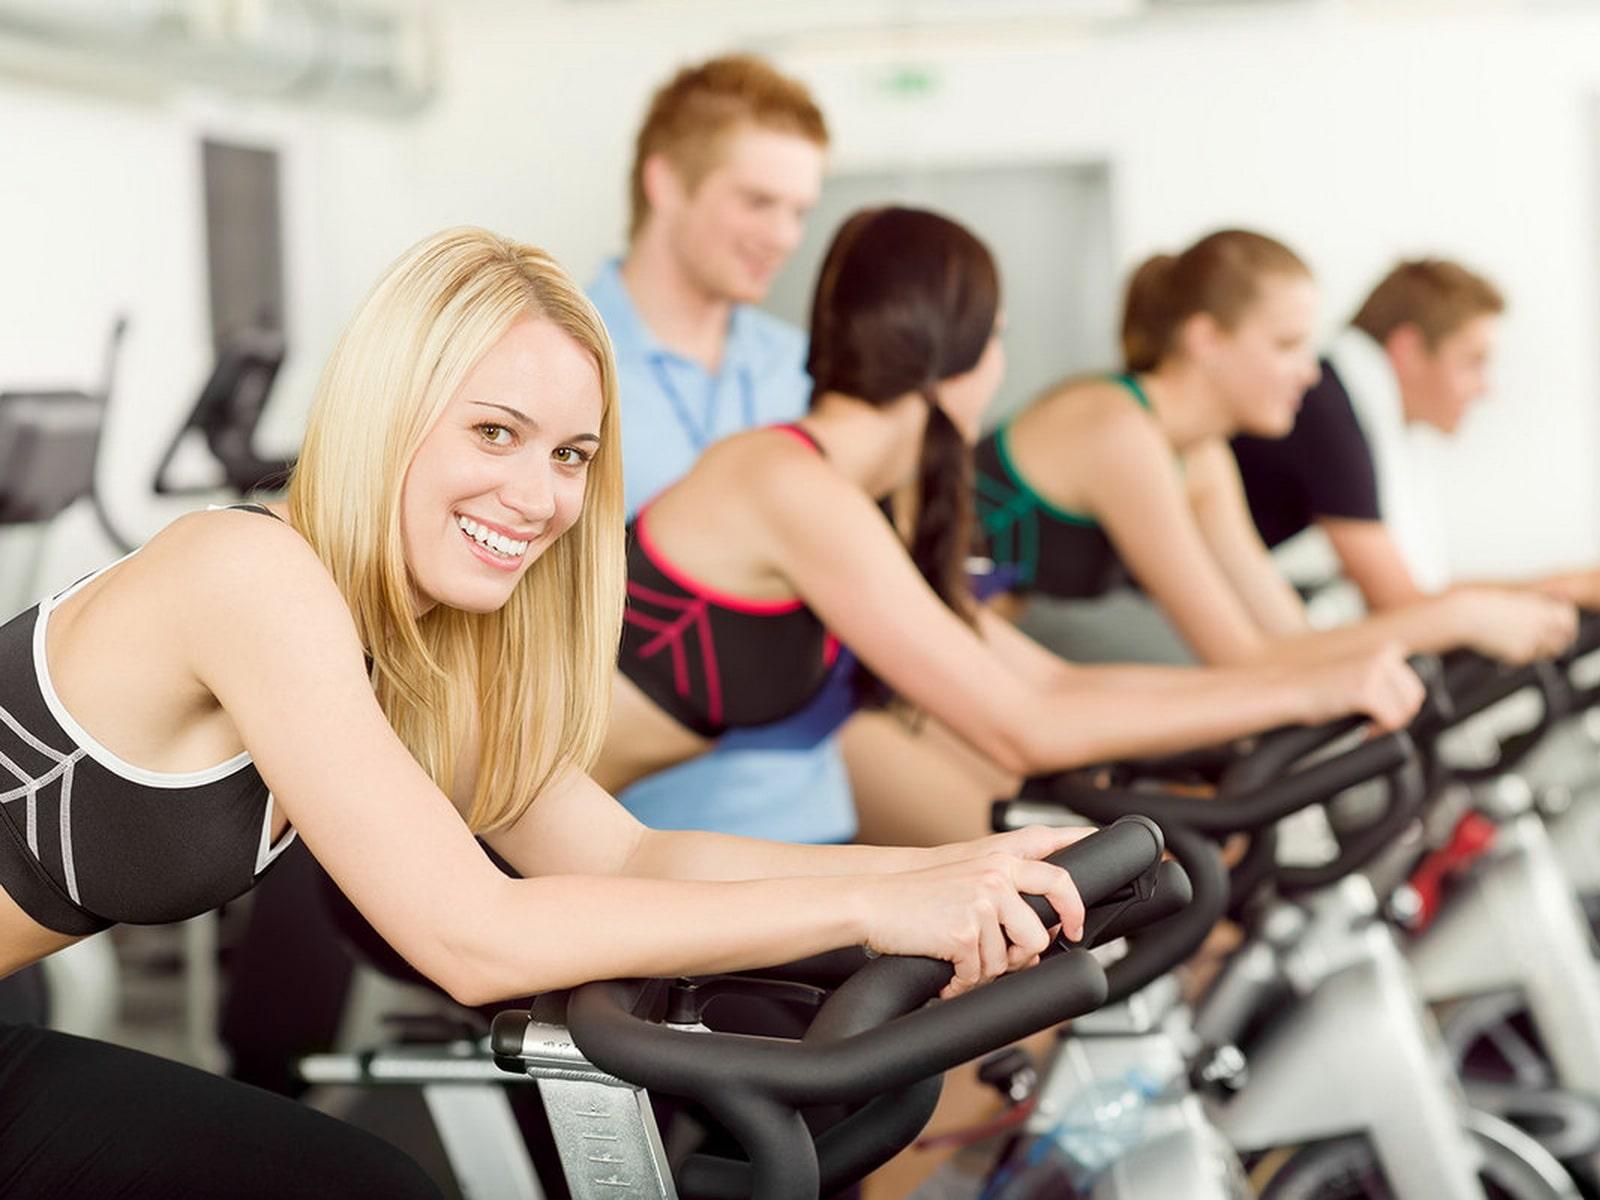 Спиннинг - программа тренировок на велотренажере